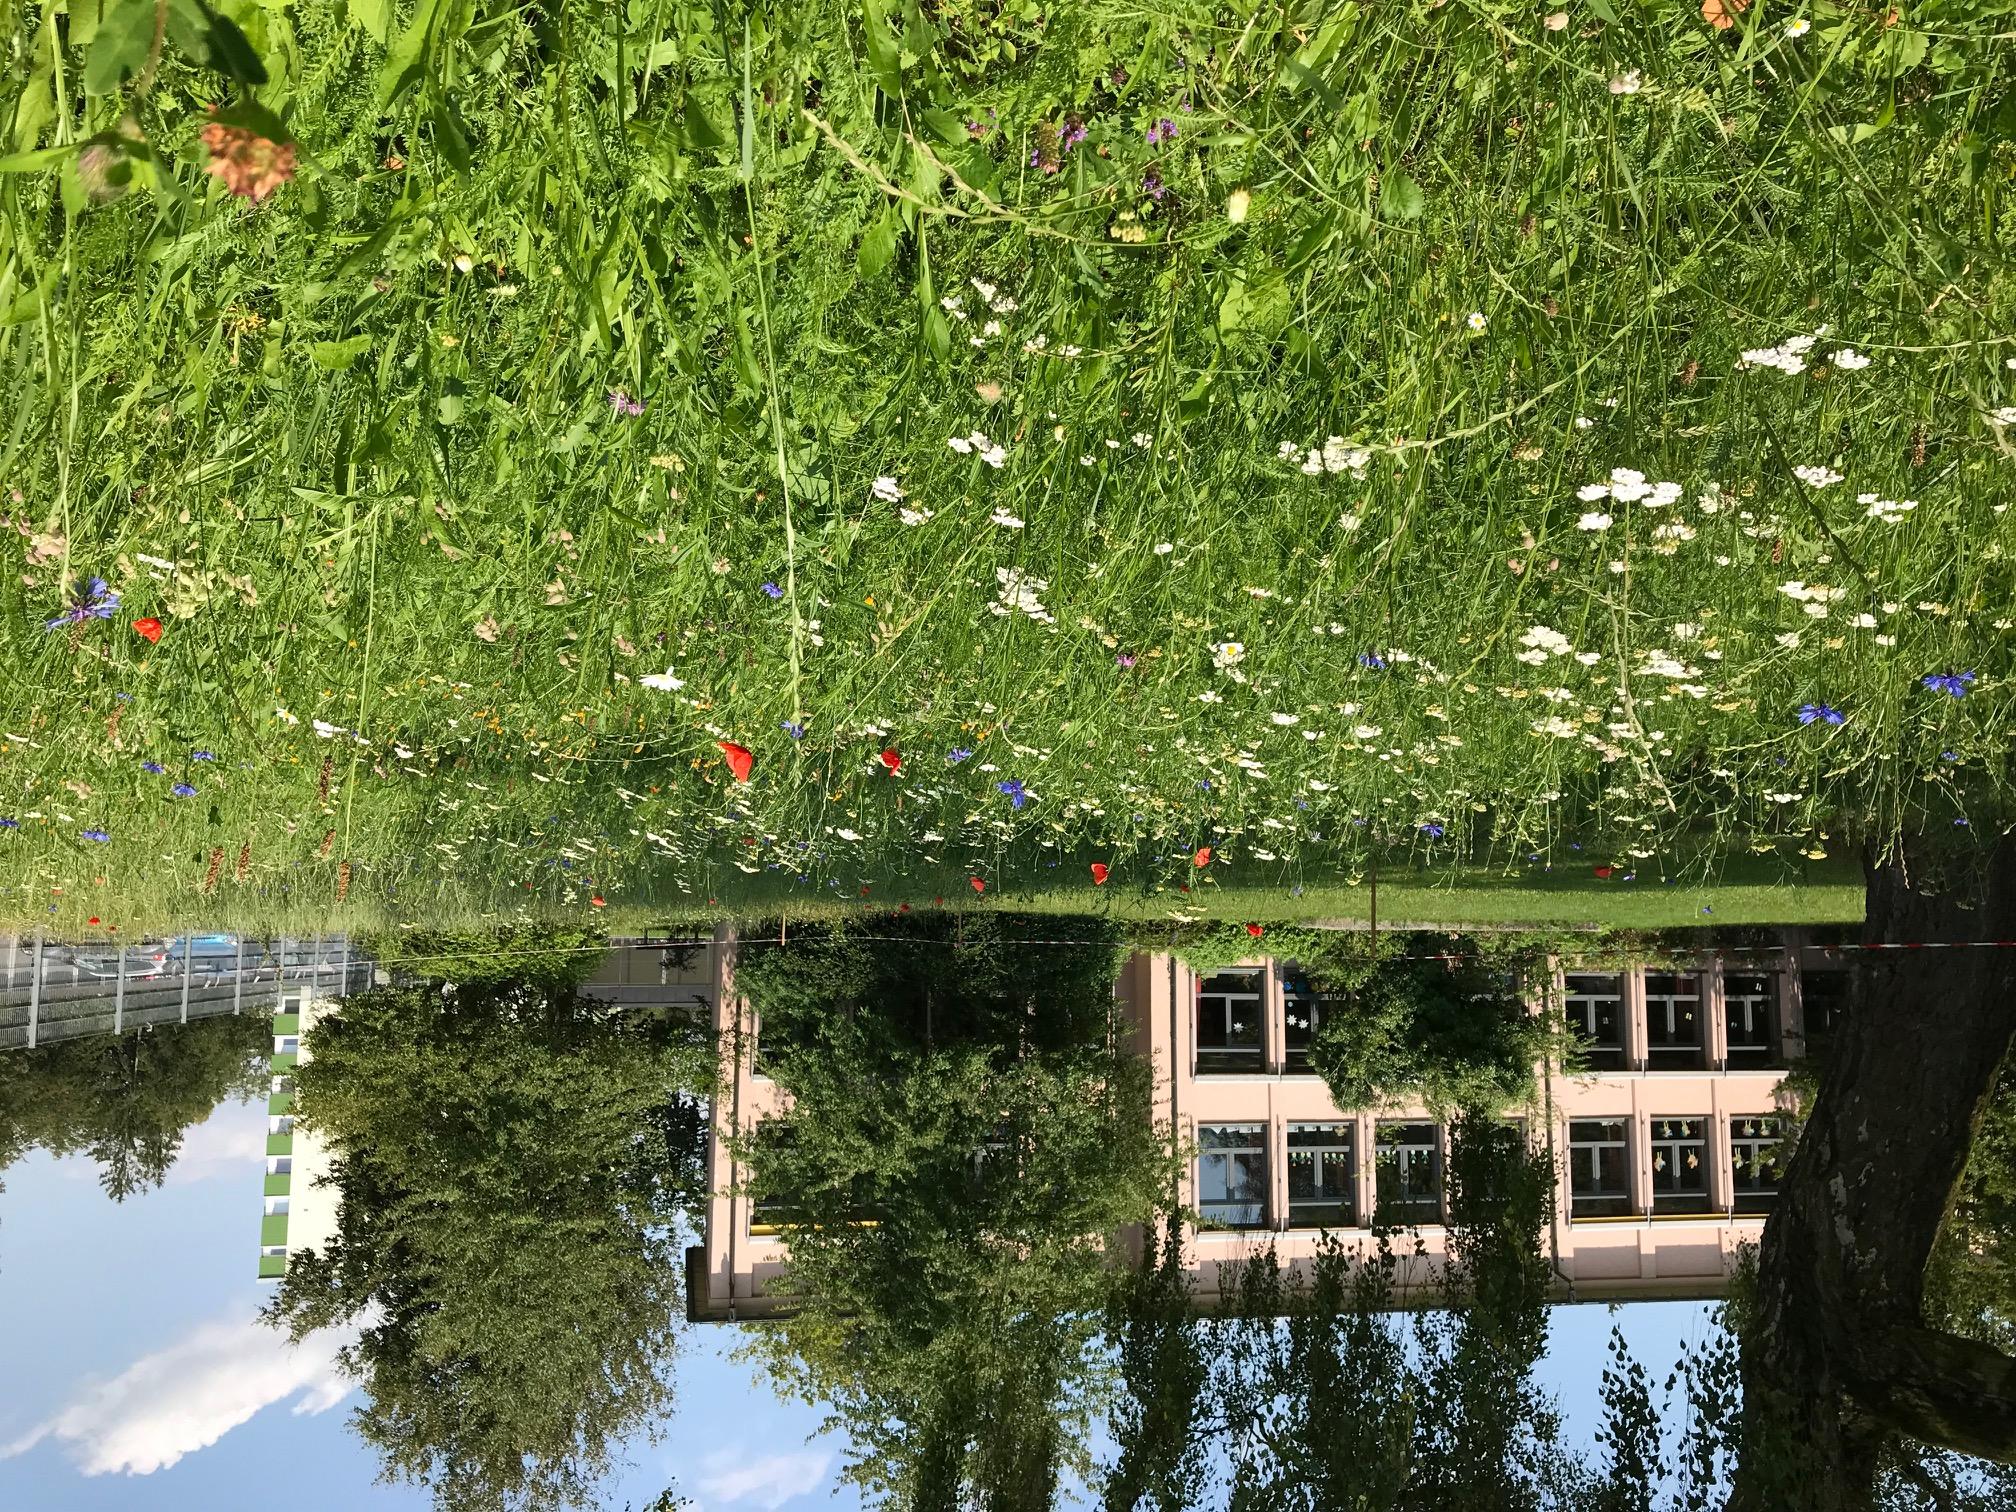 Die Blumenwiese im Naturlernraum blüht